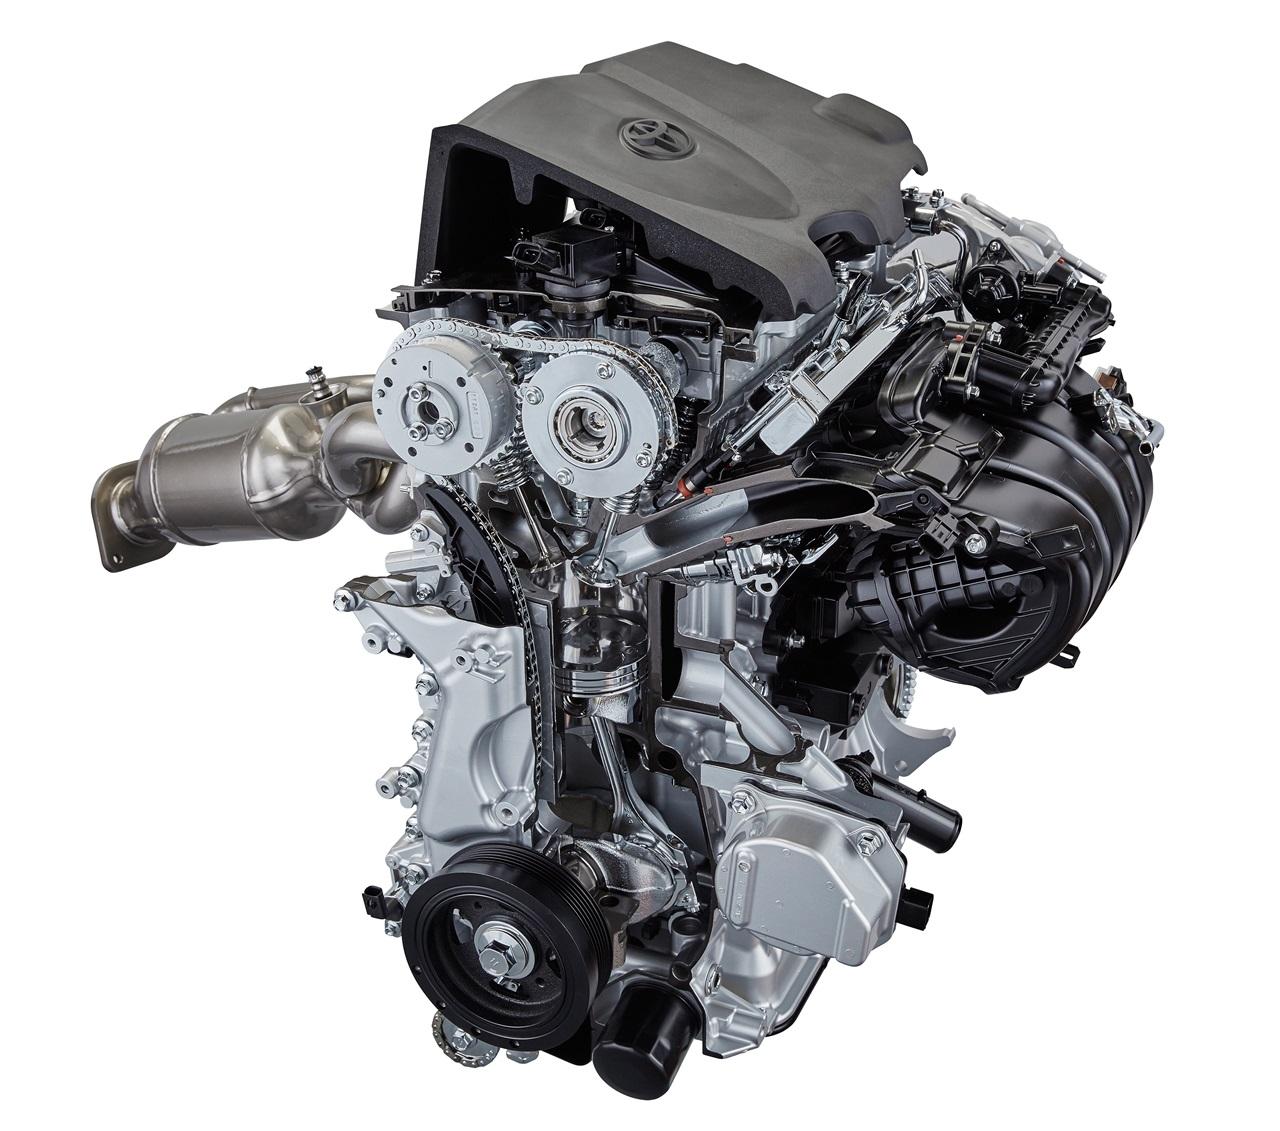 トヨタ、新型カムリ用に続く次世代TNGAエンジンを開発か?さらなる軽量化、燃費改善を目指す | clicccar ...